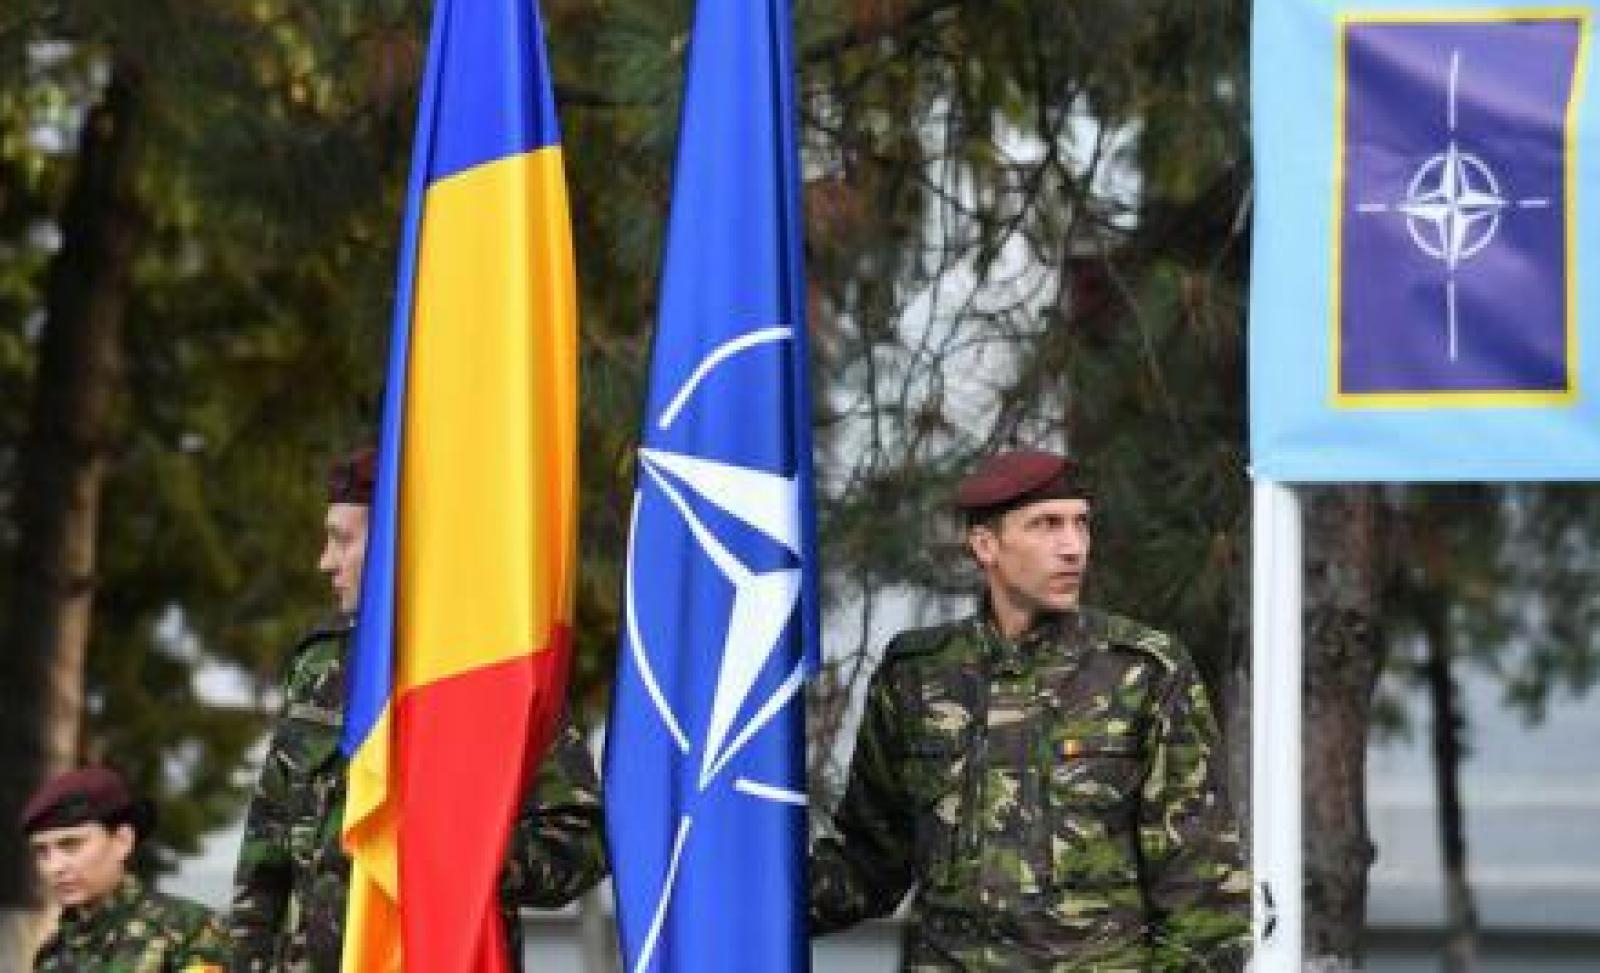 Polonia și România își consolidează cooperarea pe flancul estic al NATO